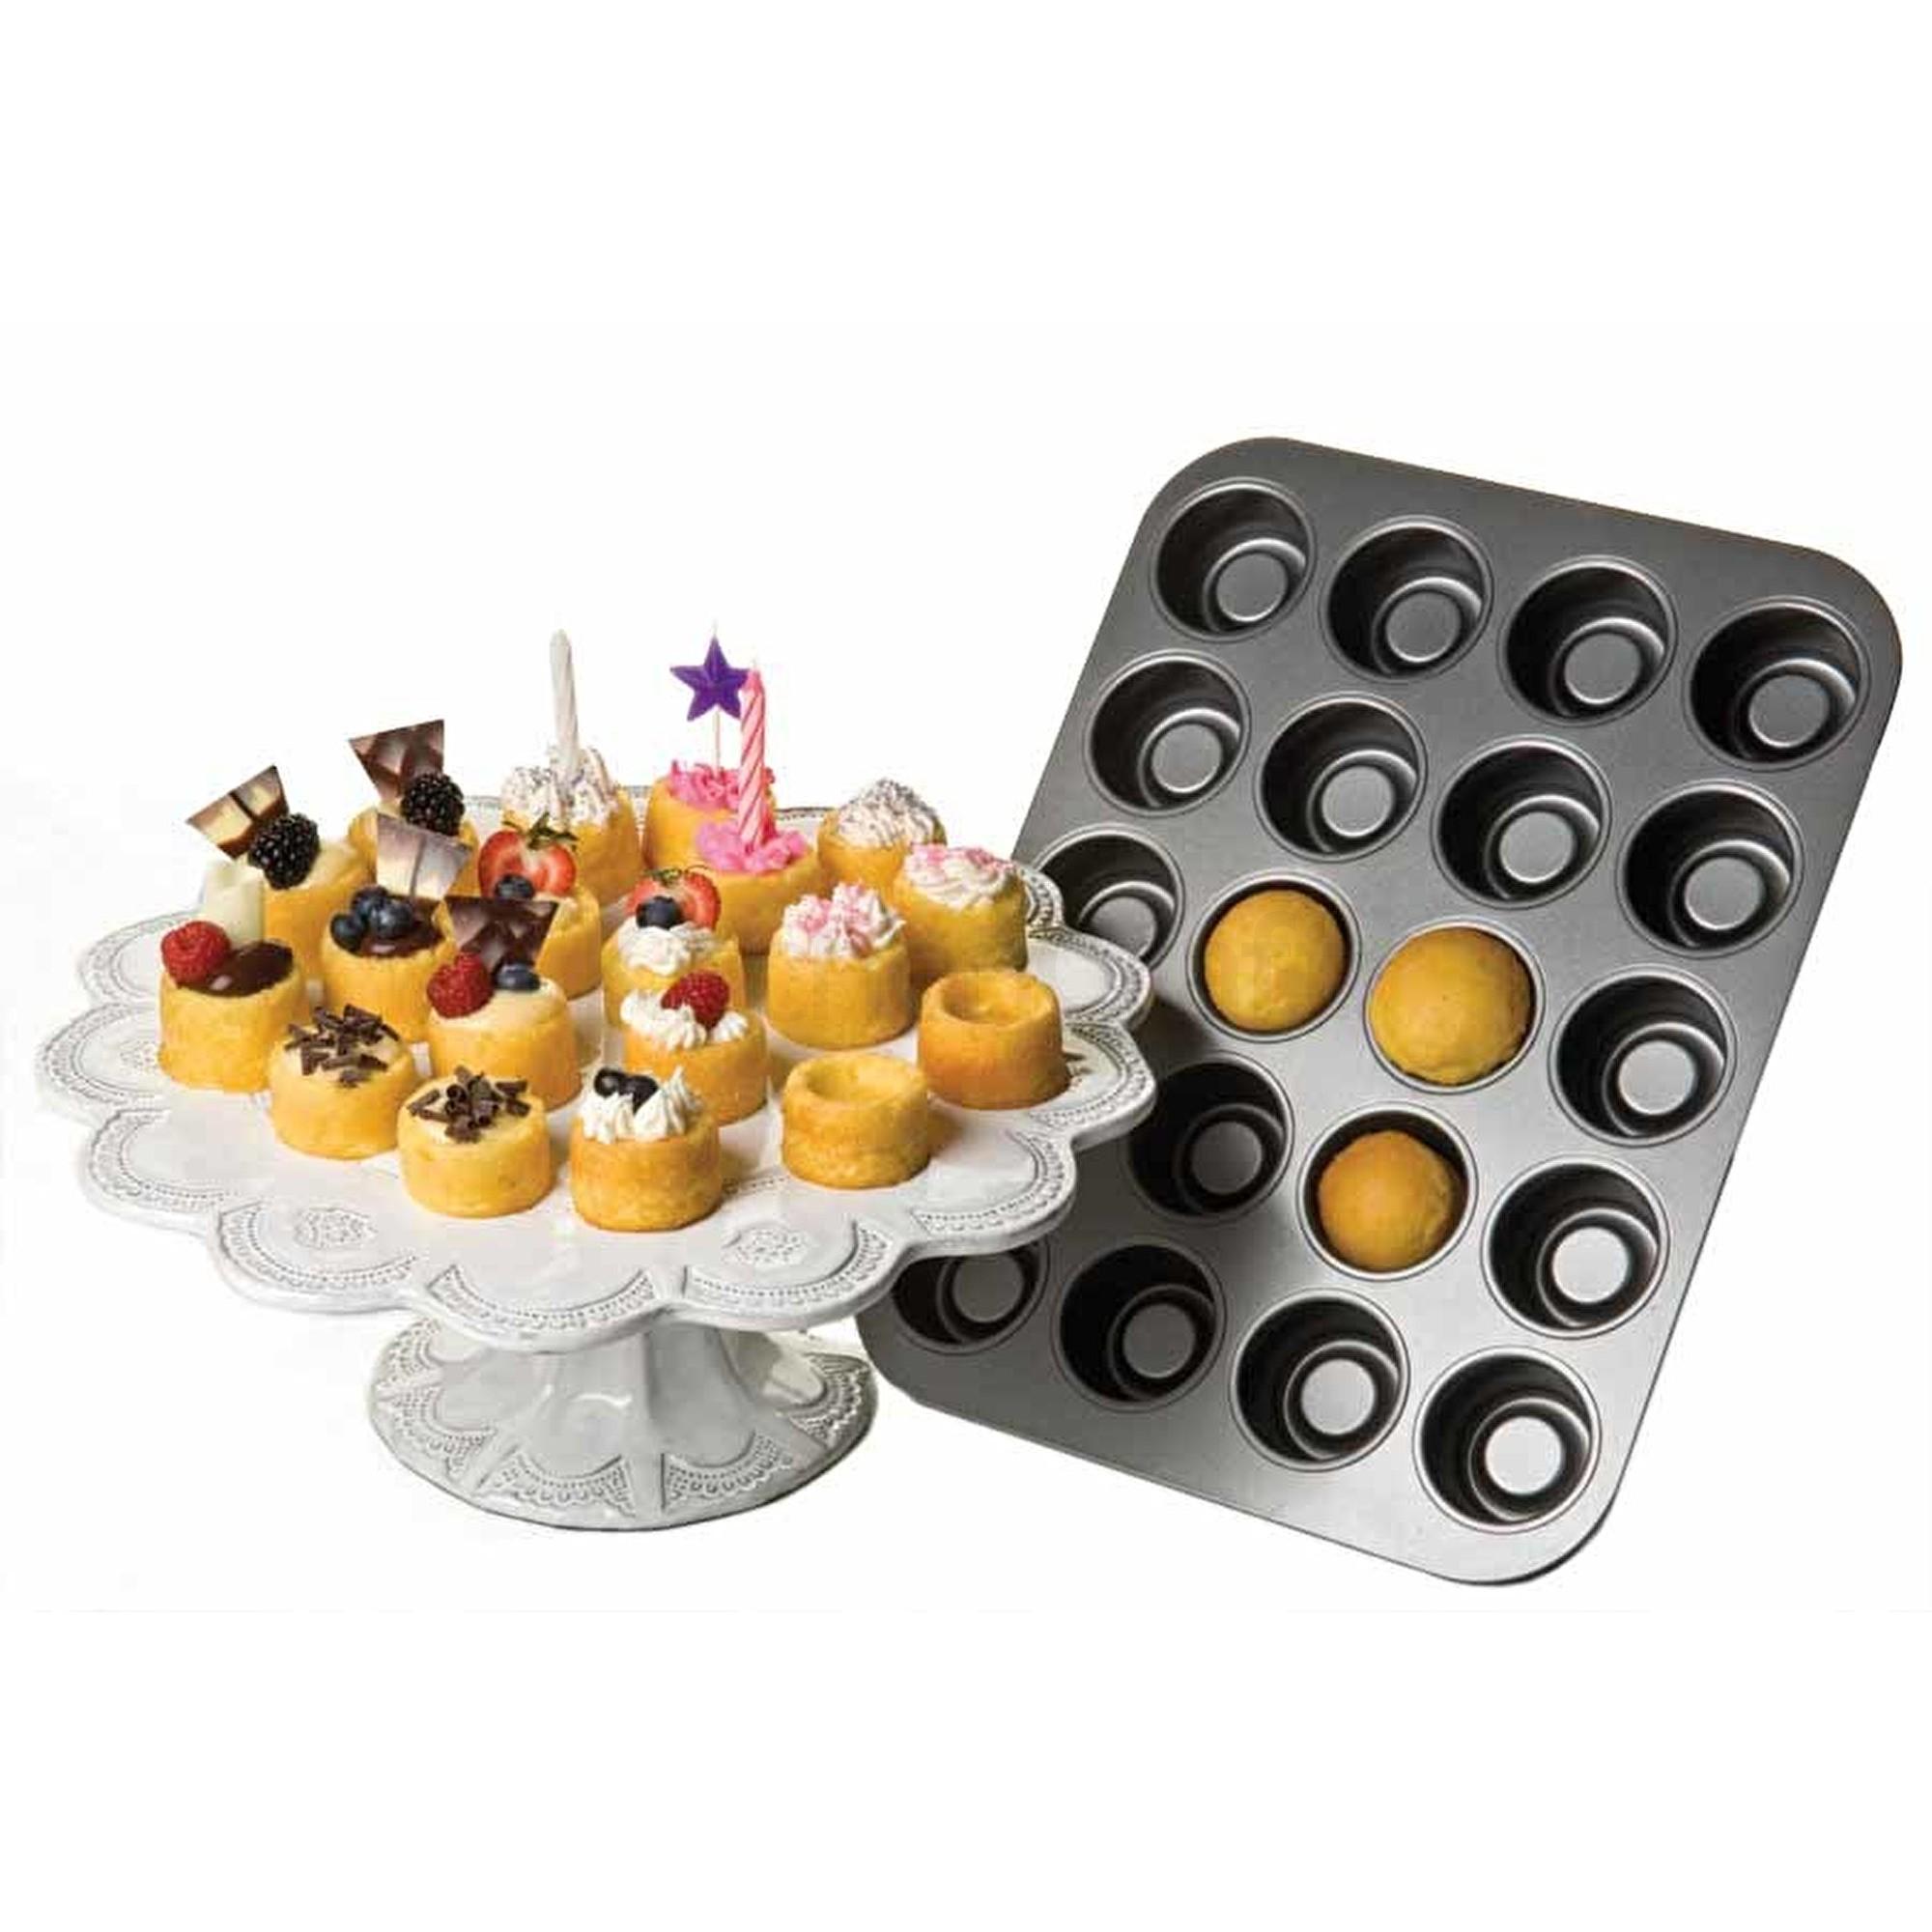 Φόρμα Αντικολλητική Για Cupcake 20θέσεων Chicago Kitchencraft home   ζαχαροπλαστικη   φόρμες ζαχαροπλαστικής